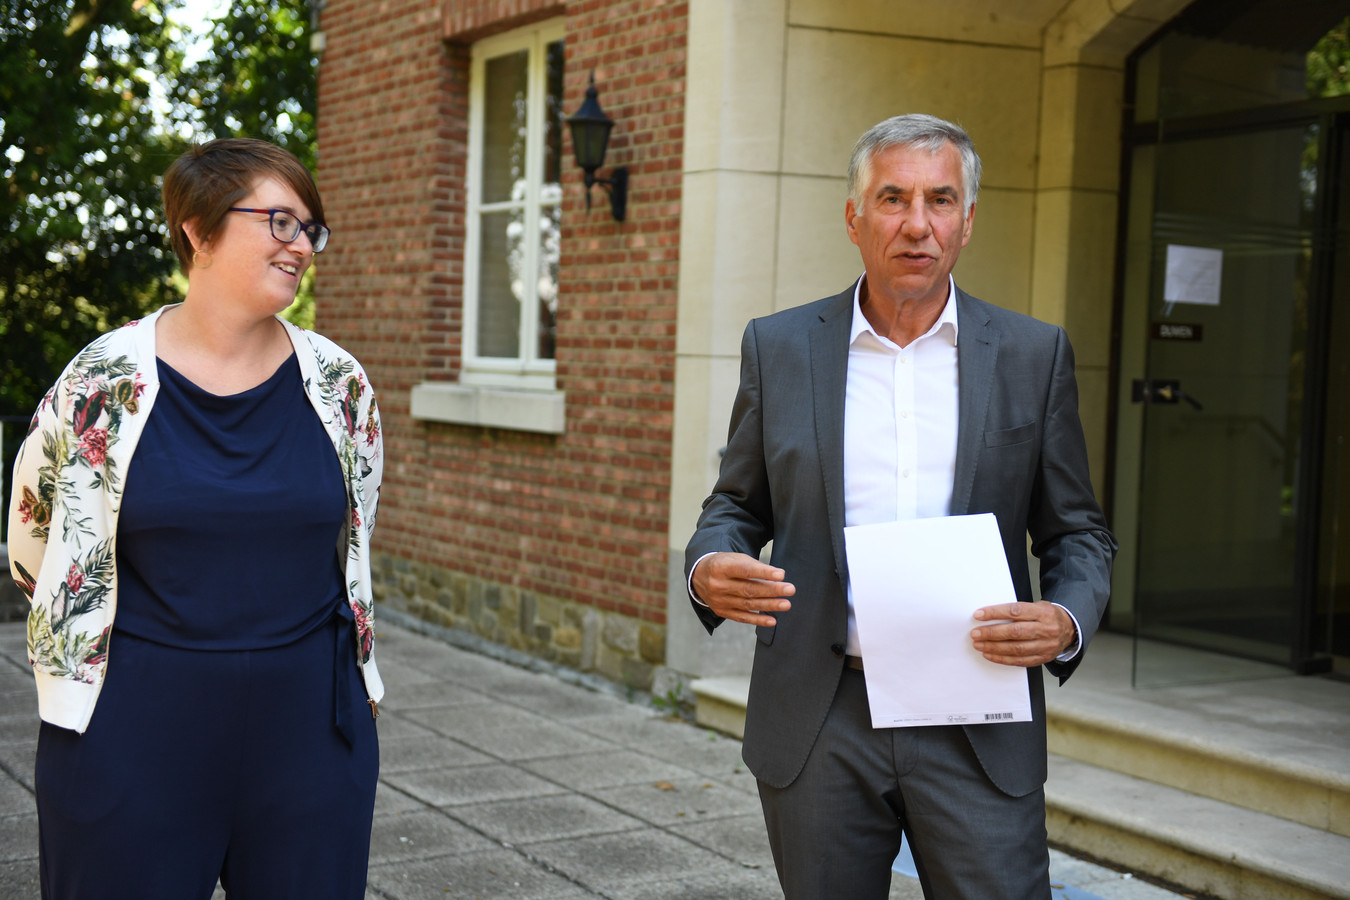 Schepen Lies Corneillie (Groen) hoopt dat meer mensen zullen kiezen voor solidair verhuren in Leuven. Carl devlies (CD&V) is dan weer de geestelijke vader van  de kotmadam-formule.